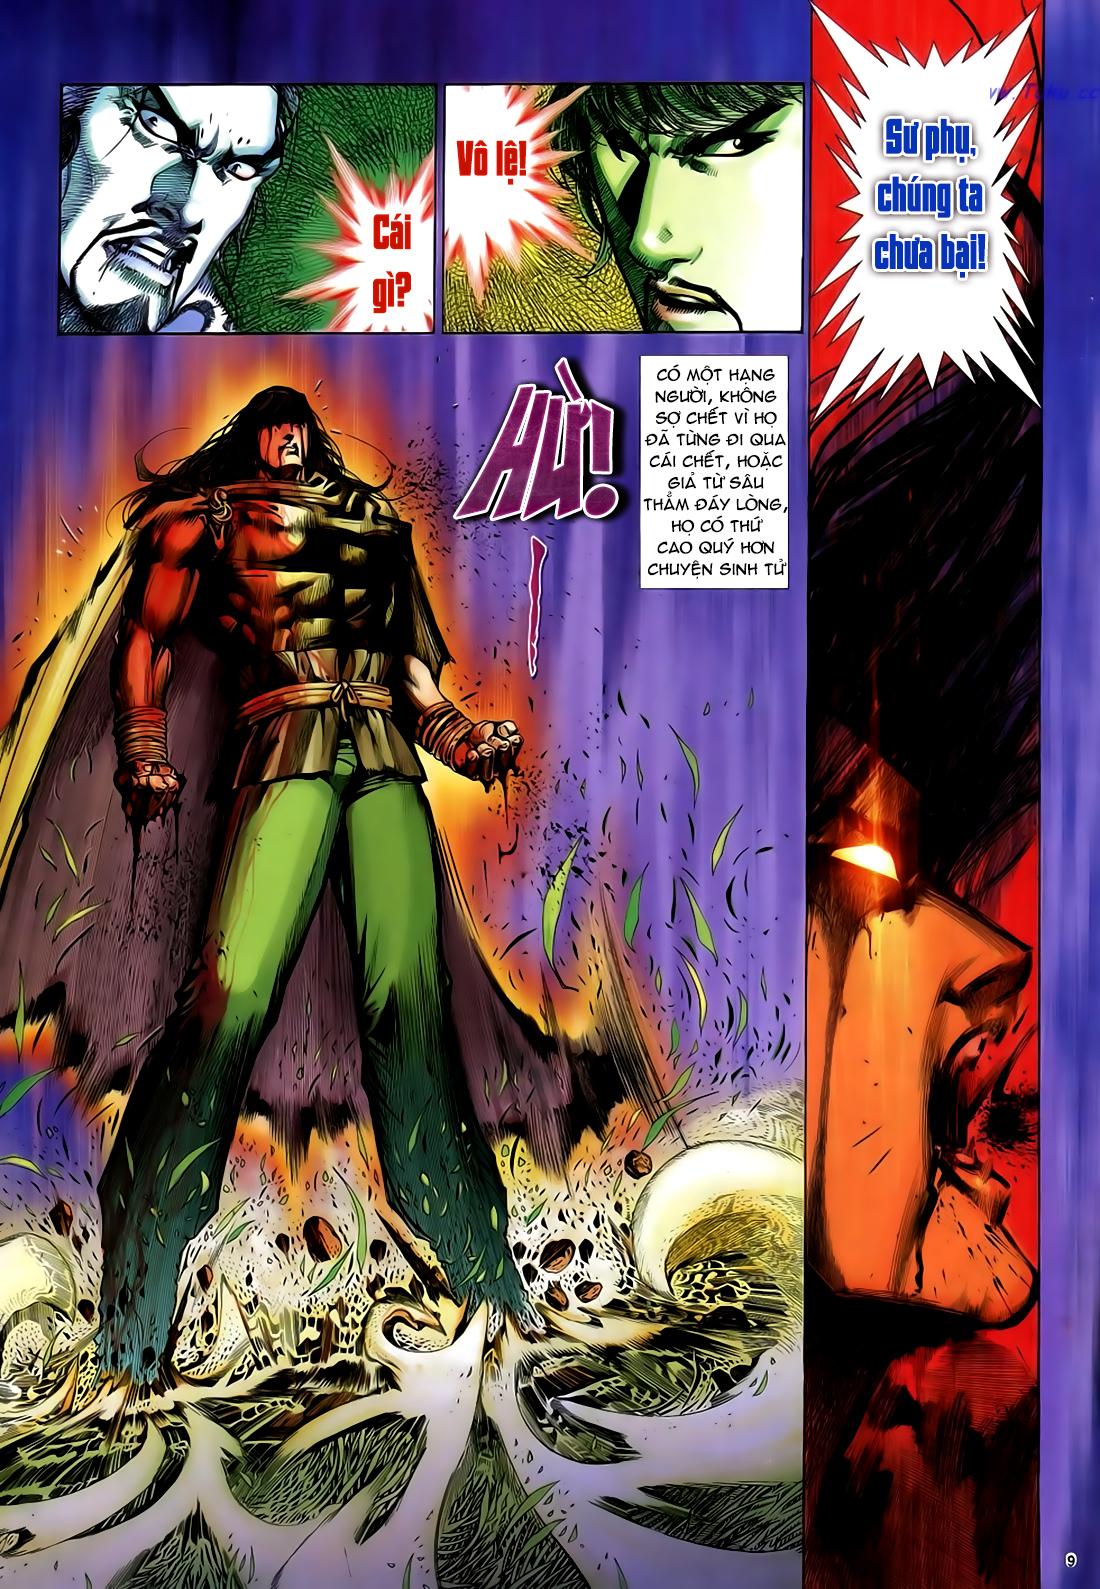 Anh hùng vô lệ Chap 29 trang 10